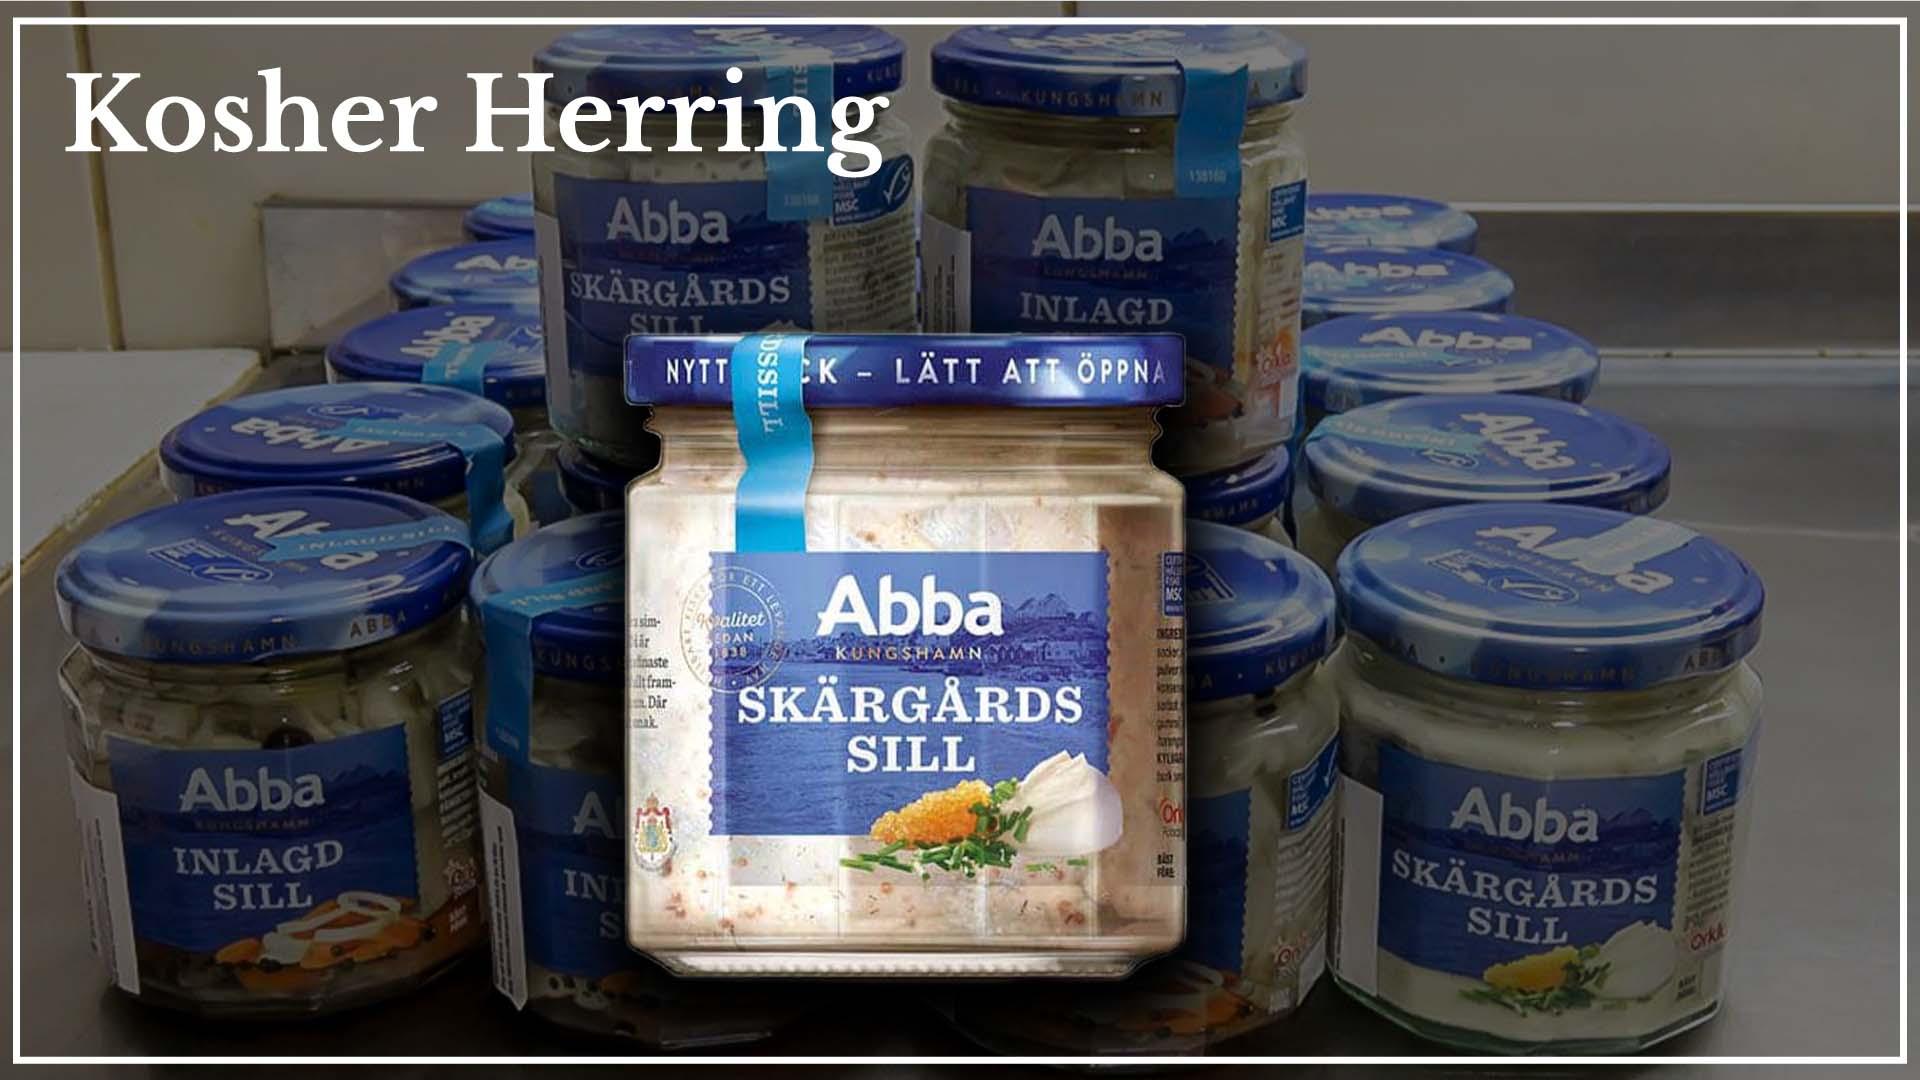 Kosher Herring